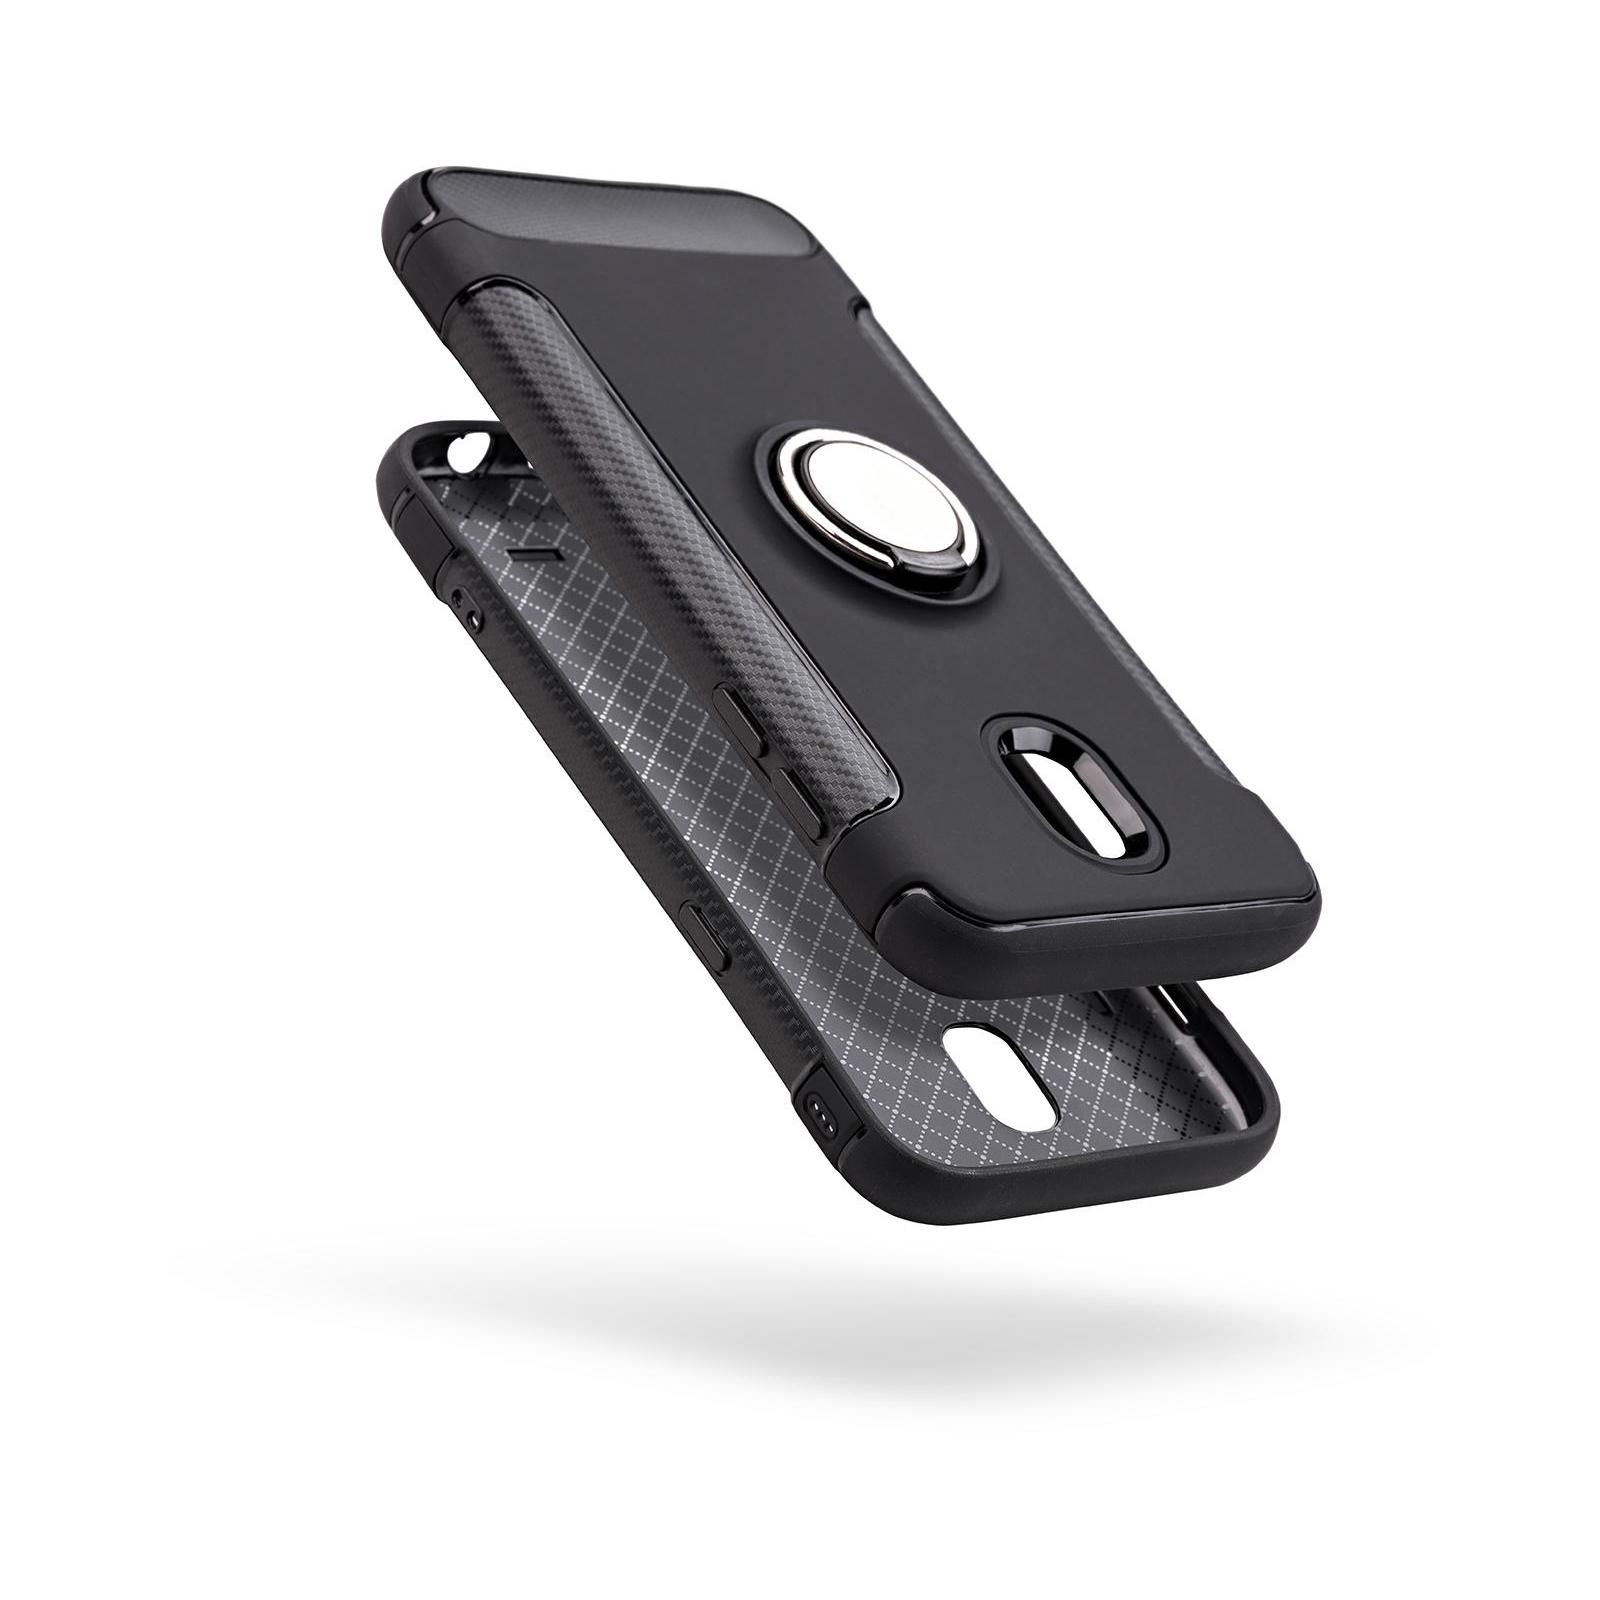 Чехол для моб. телефона Laudtec для Samsung J5 2017/J530 Ring stand (black) (LR-J530-BC) изображение 2